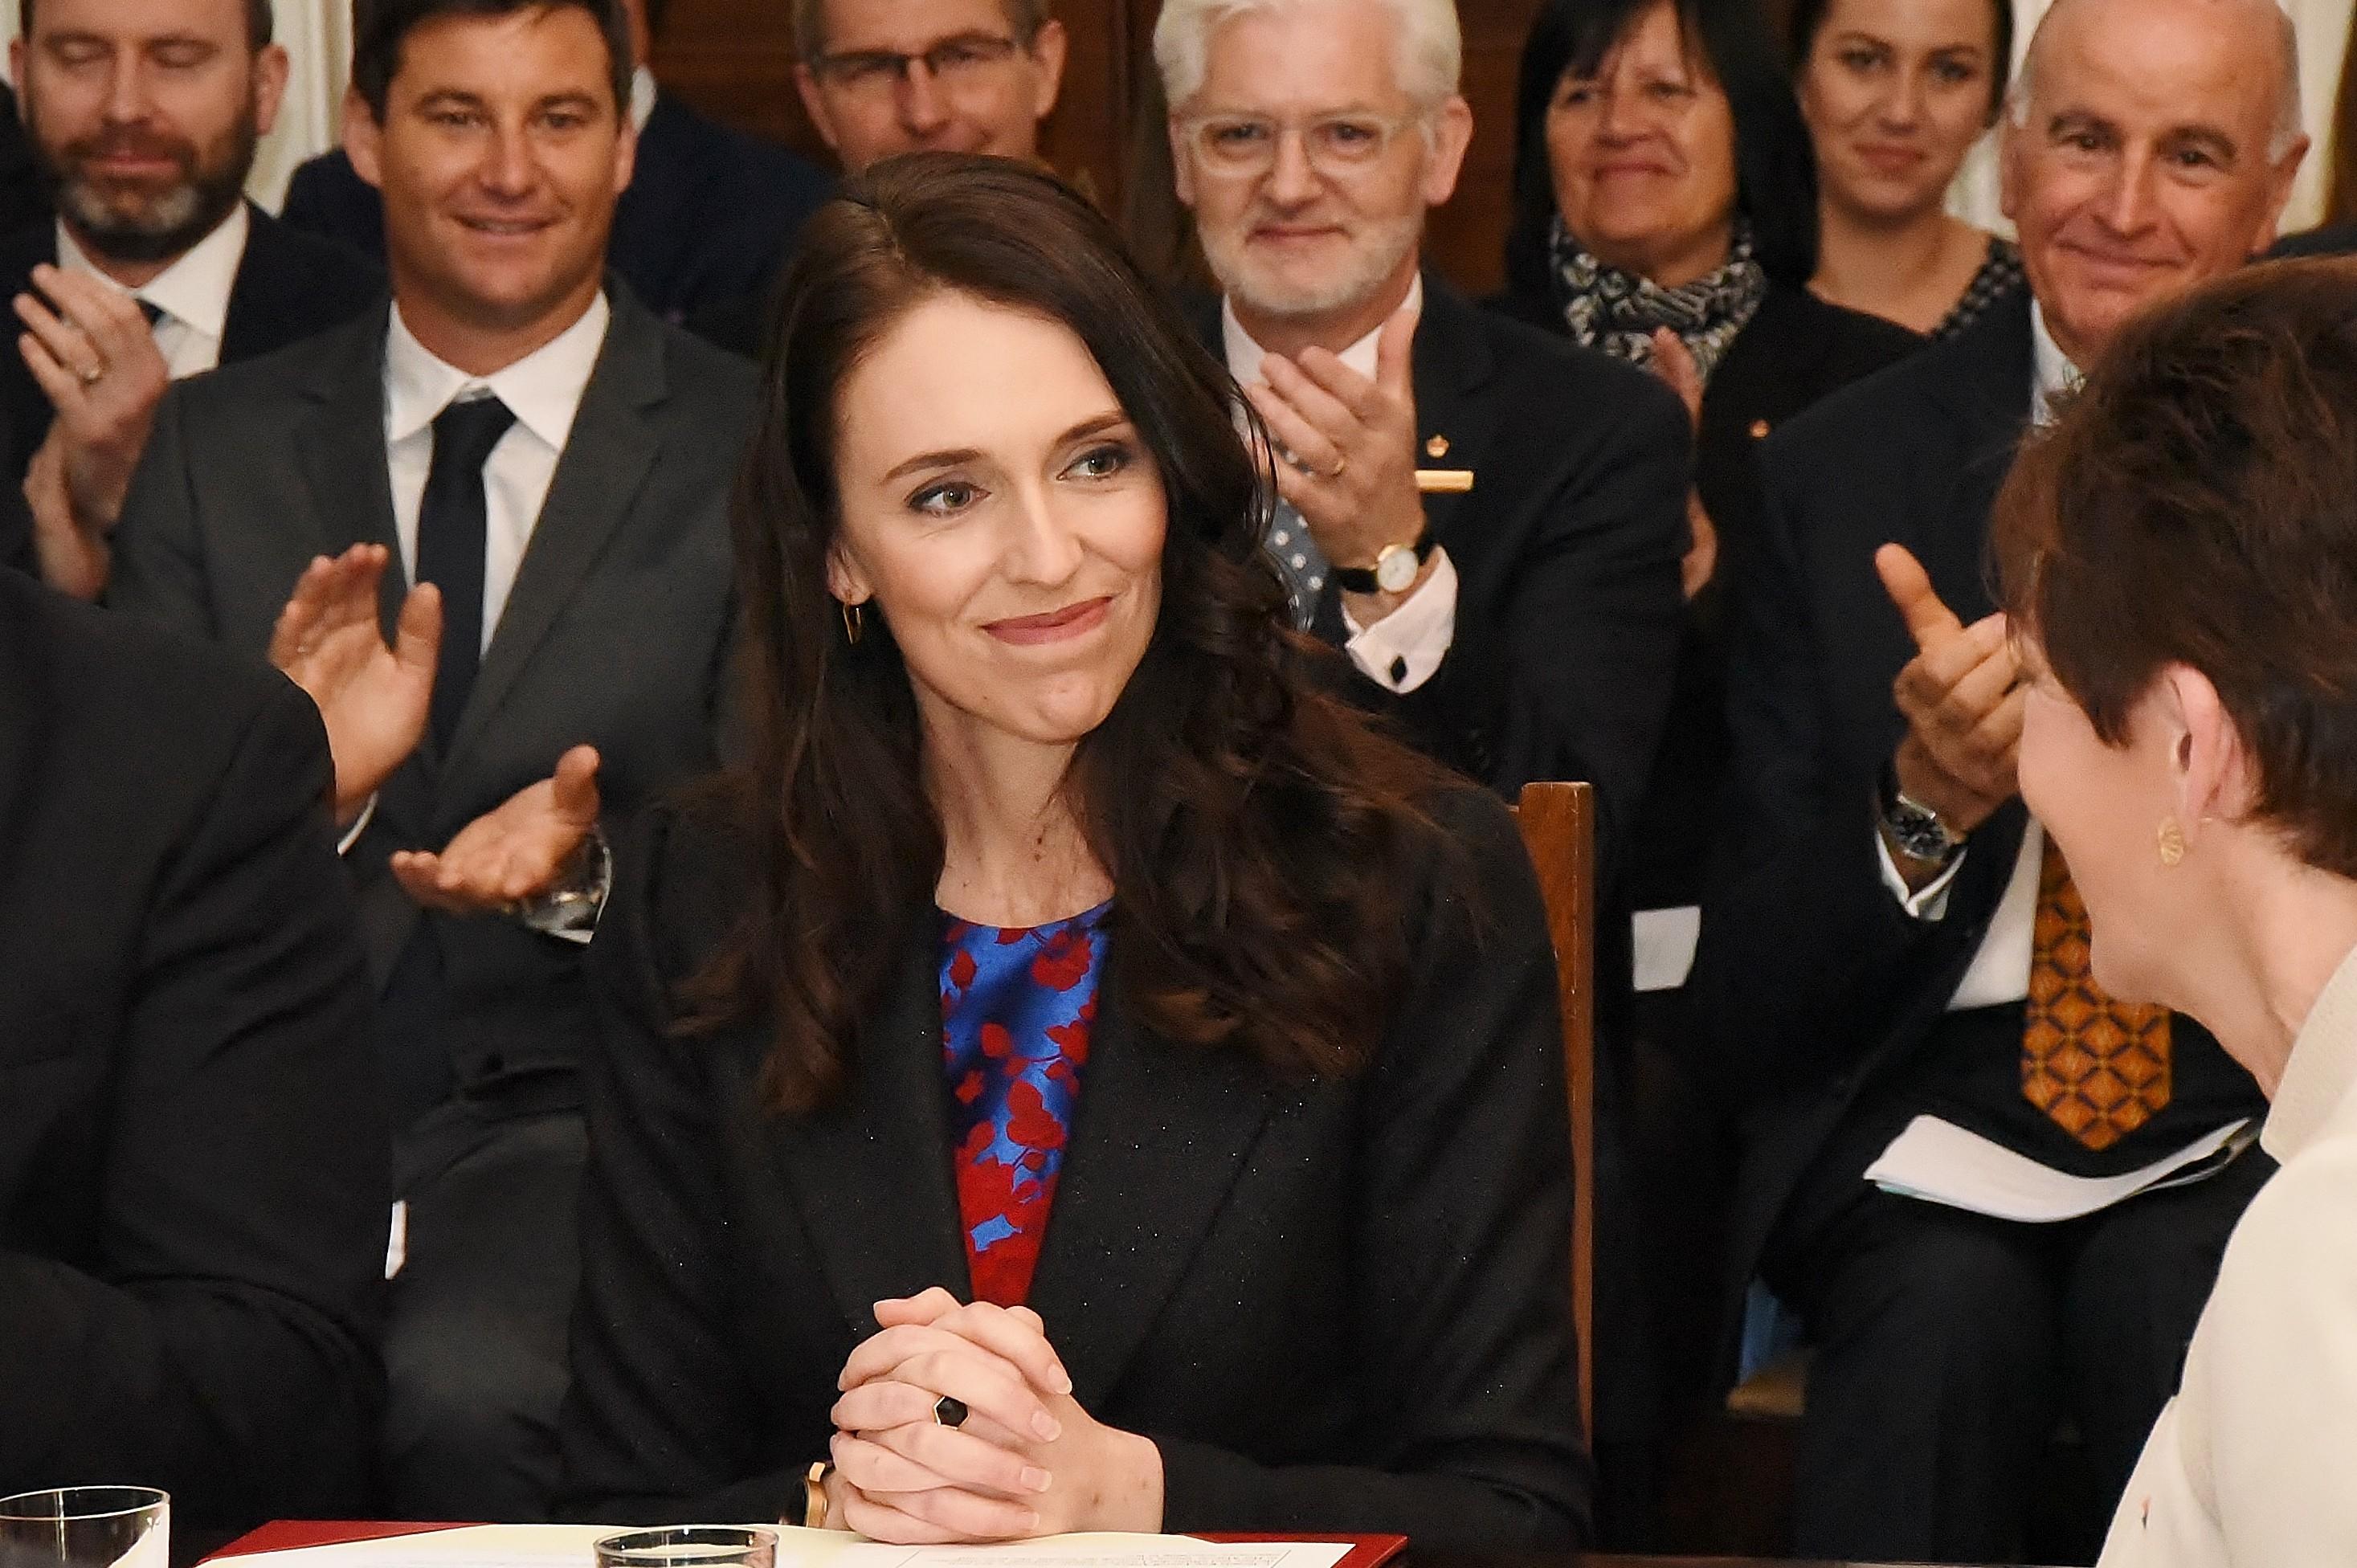 A primeira ministra da Nova Zelância, Jacinda Ardern, teve uma das respostas mais elogiadas contra a pandemia de Covid-19 (Foto: Wikimedia Commons)